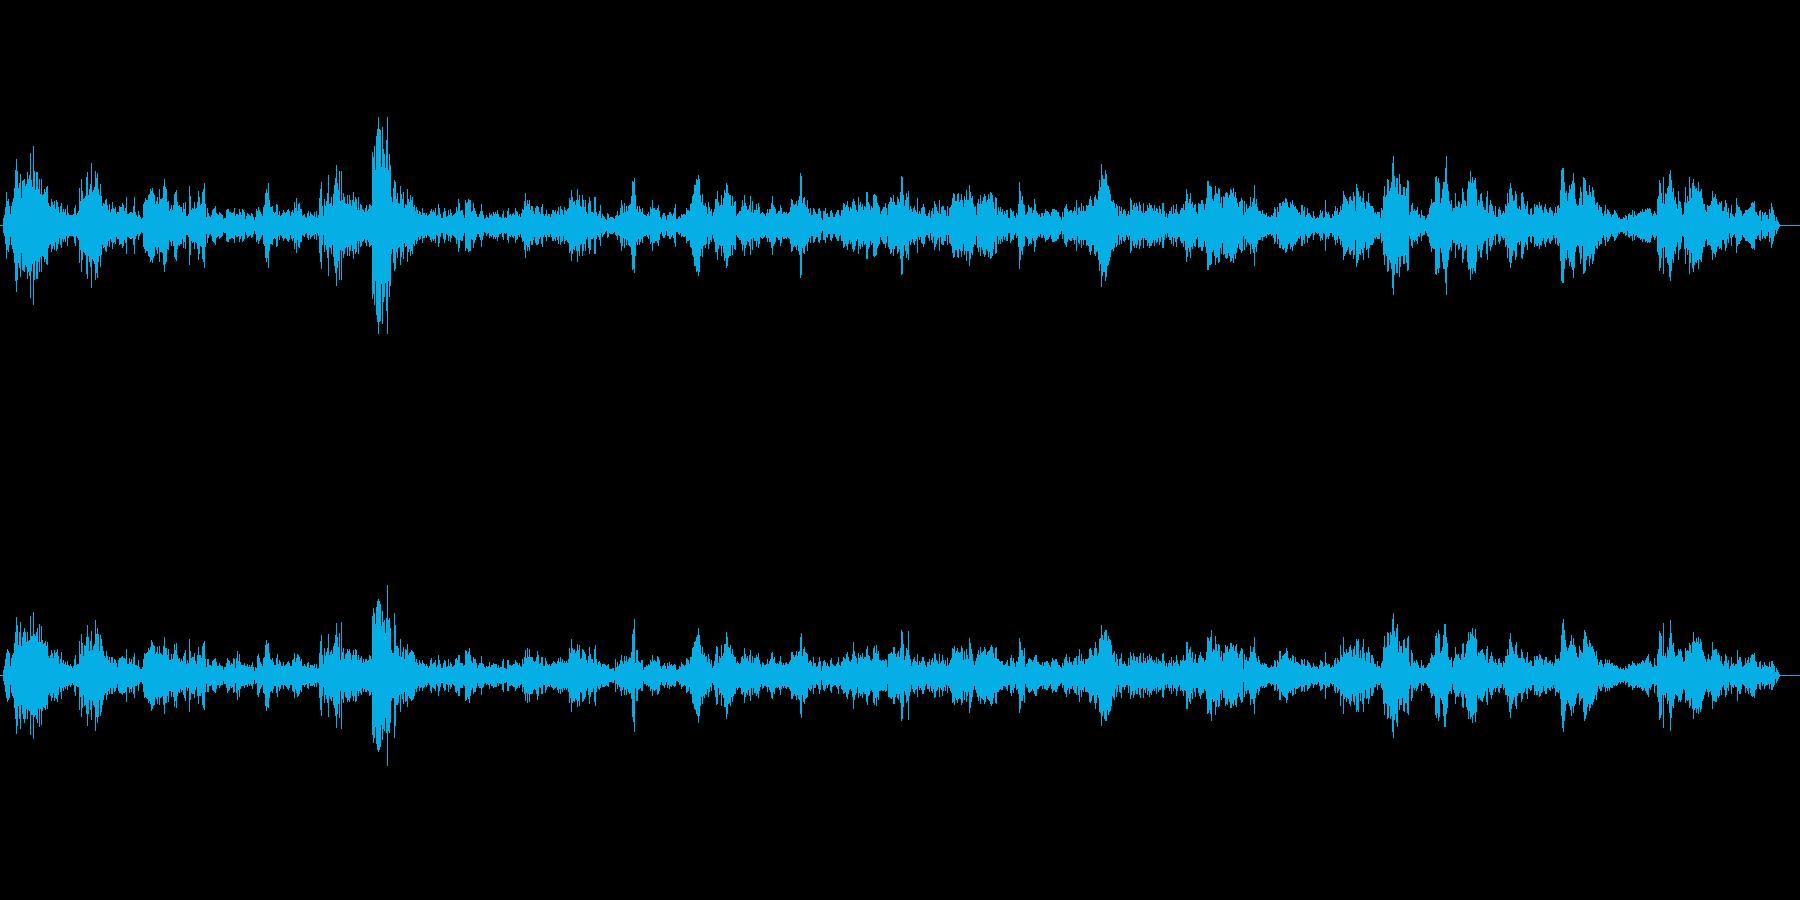 プワプワ(泡が出来る音)の再生済みの波形